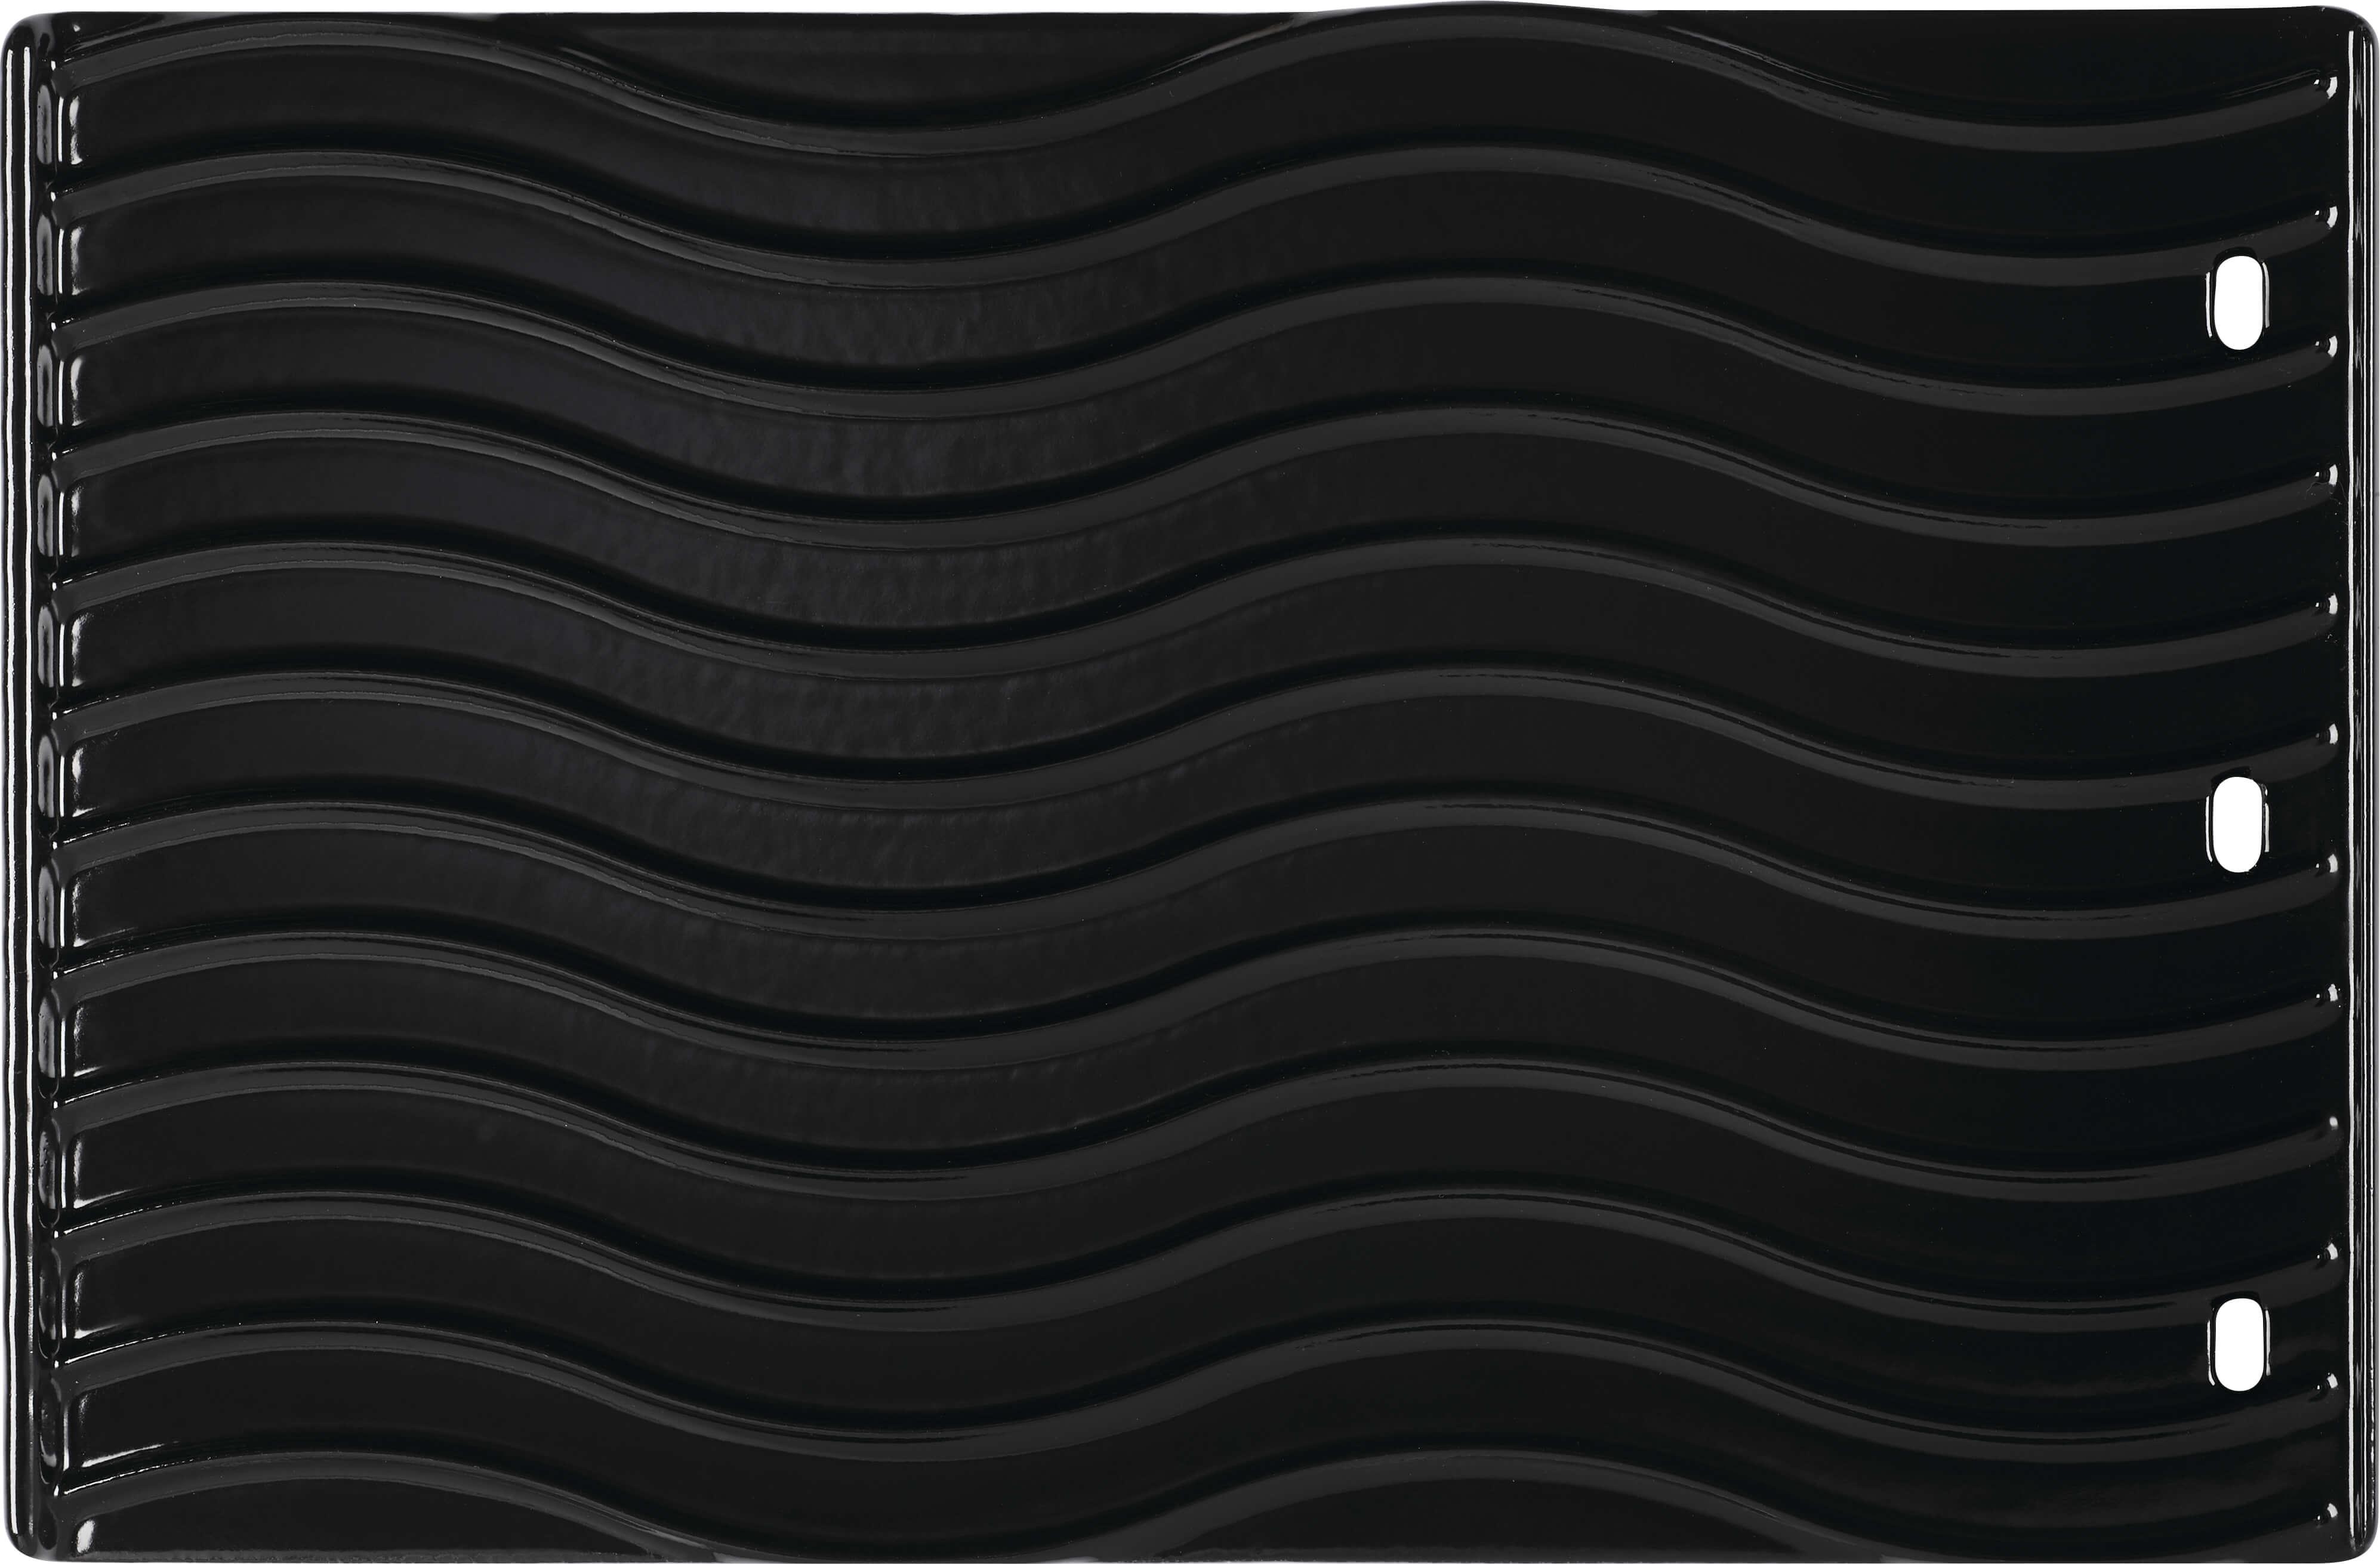 2-sided Porcelain-Enameled Cast Iron Griddle